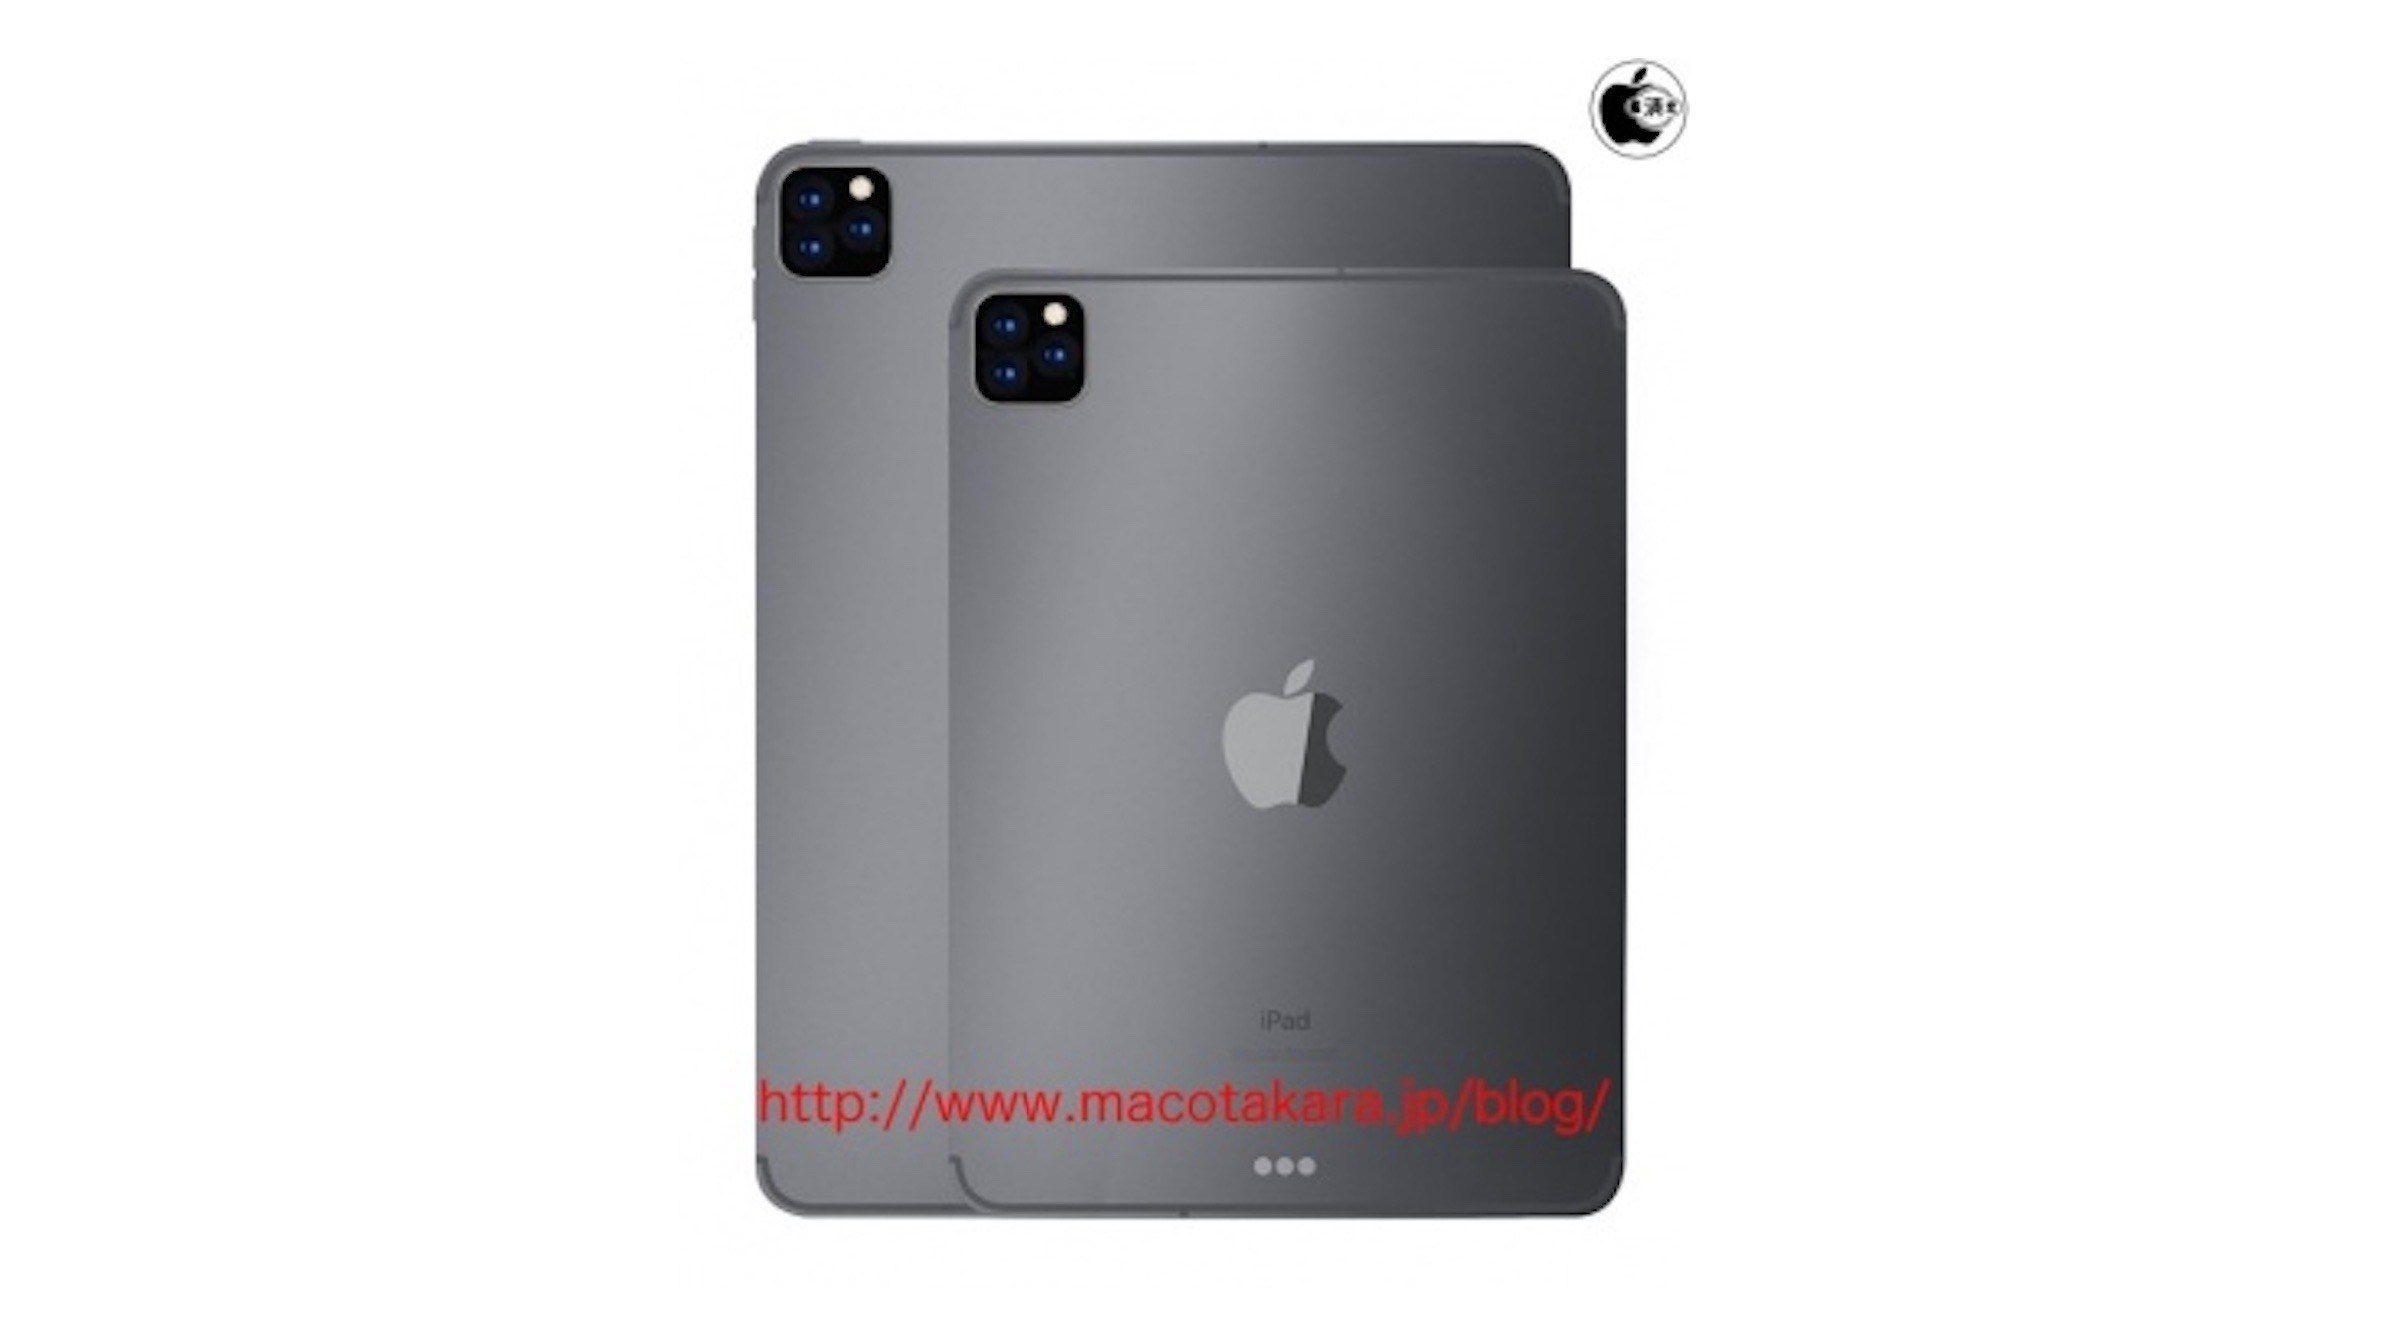 Tin tức công nghệ mới nóng nhất hôm nay 13/8: iPad Pro 2019 sẽ có camera sau 3 ống kính - Ảnh 1